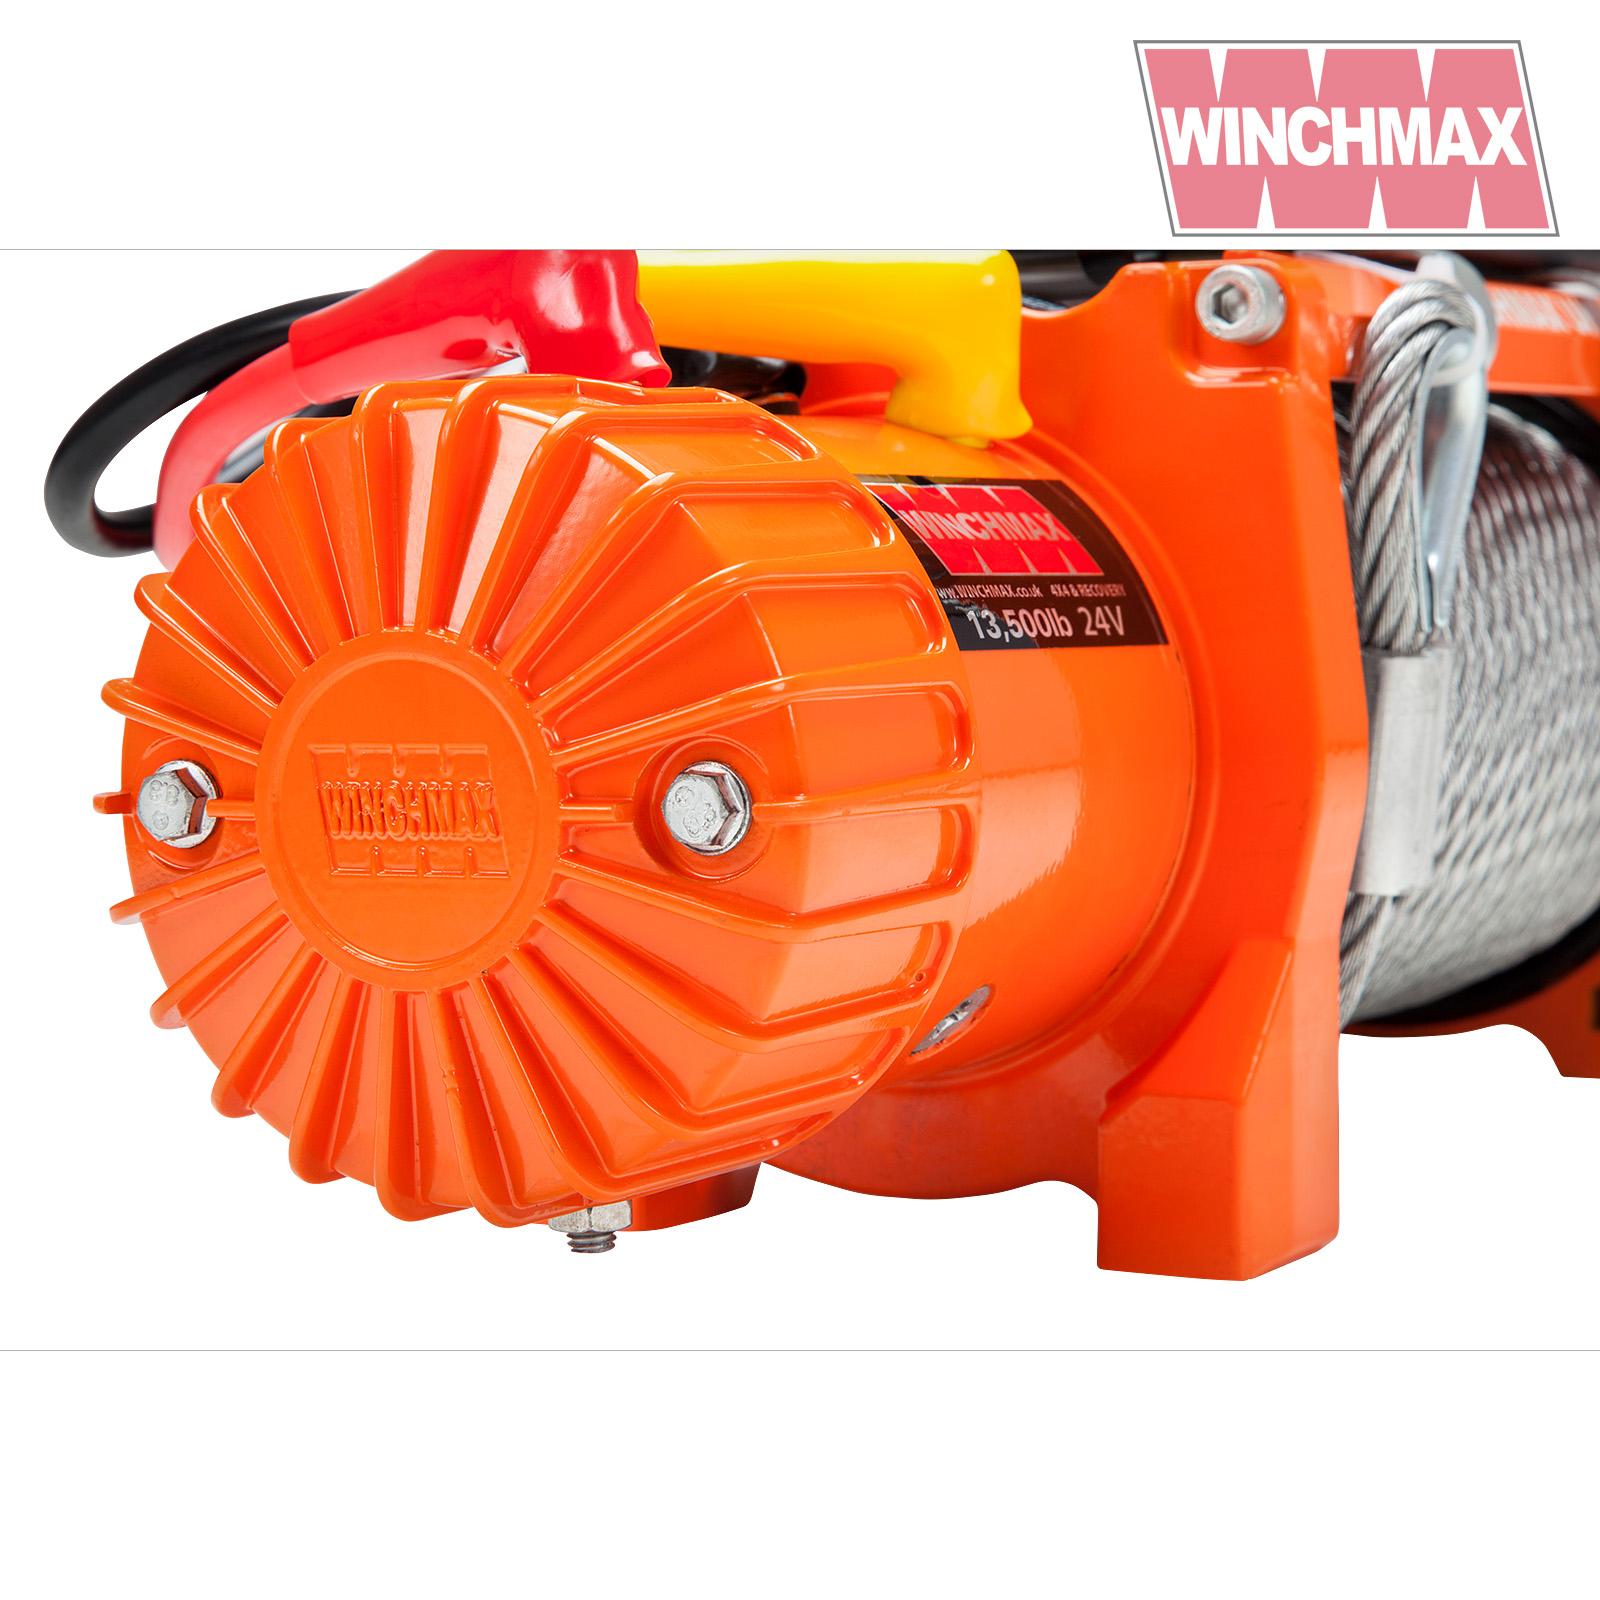 Wm1350024vr winchmax 06